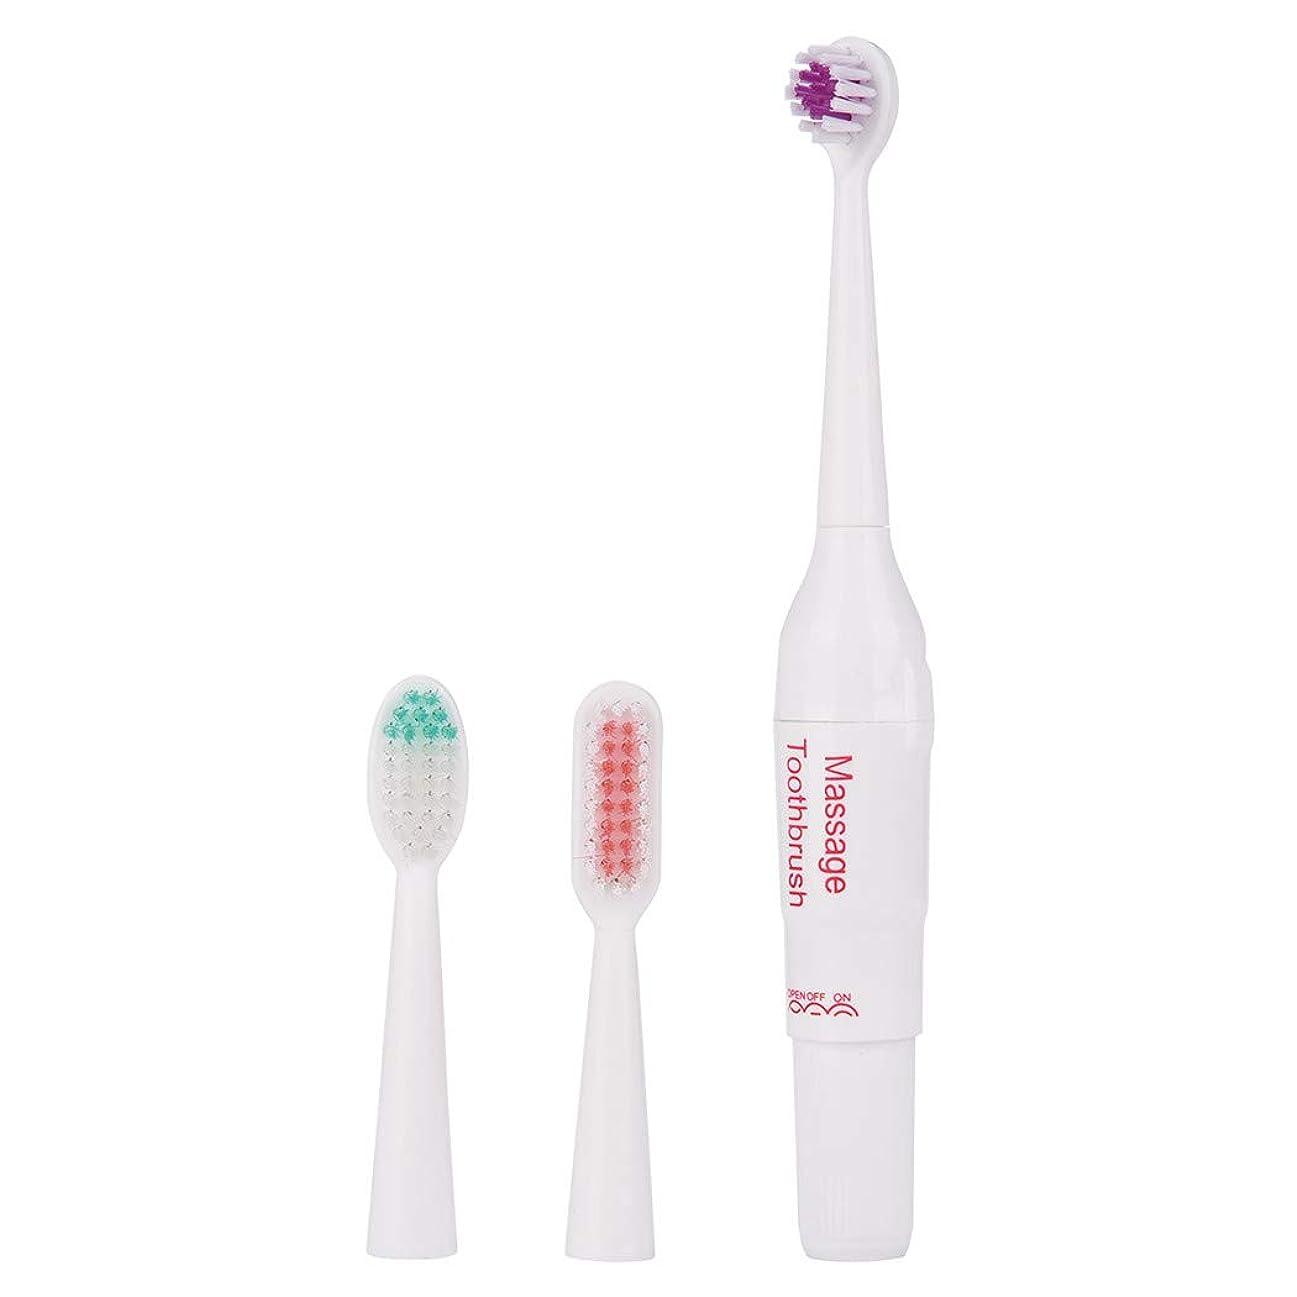 キャロラインオアシス彼らのもの電動歯ブラシ ポータブル 歯ブラシ 替えブラシ2本入り 歯磨き 携帯便利 旅行 出張 に最適